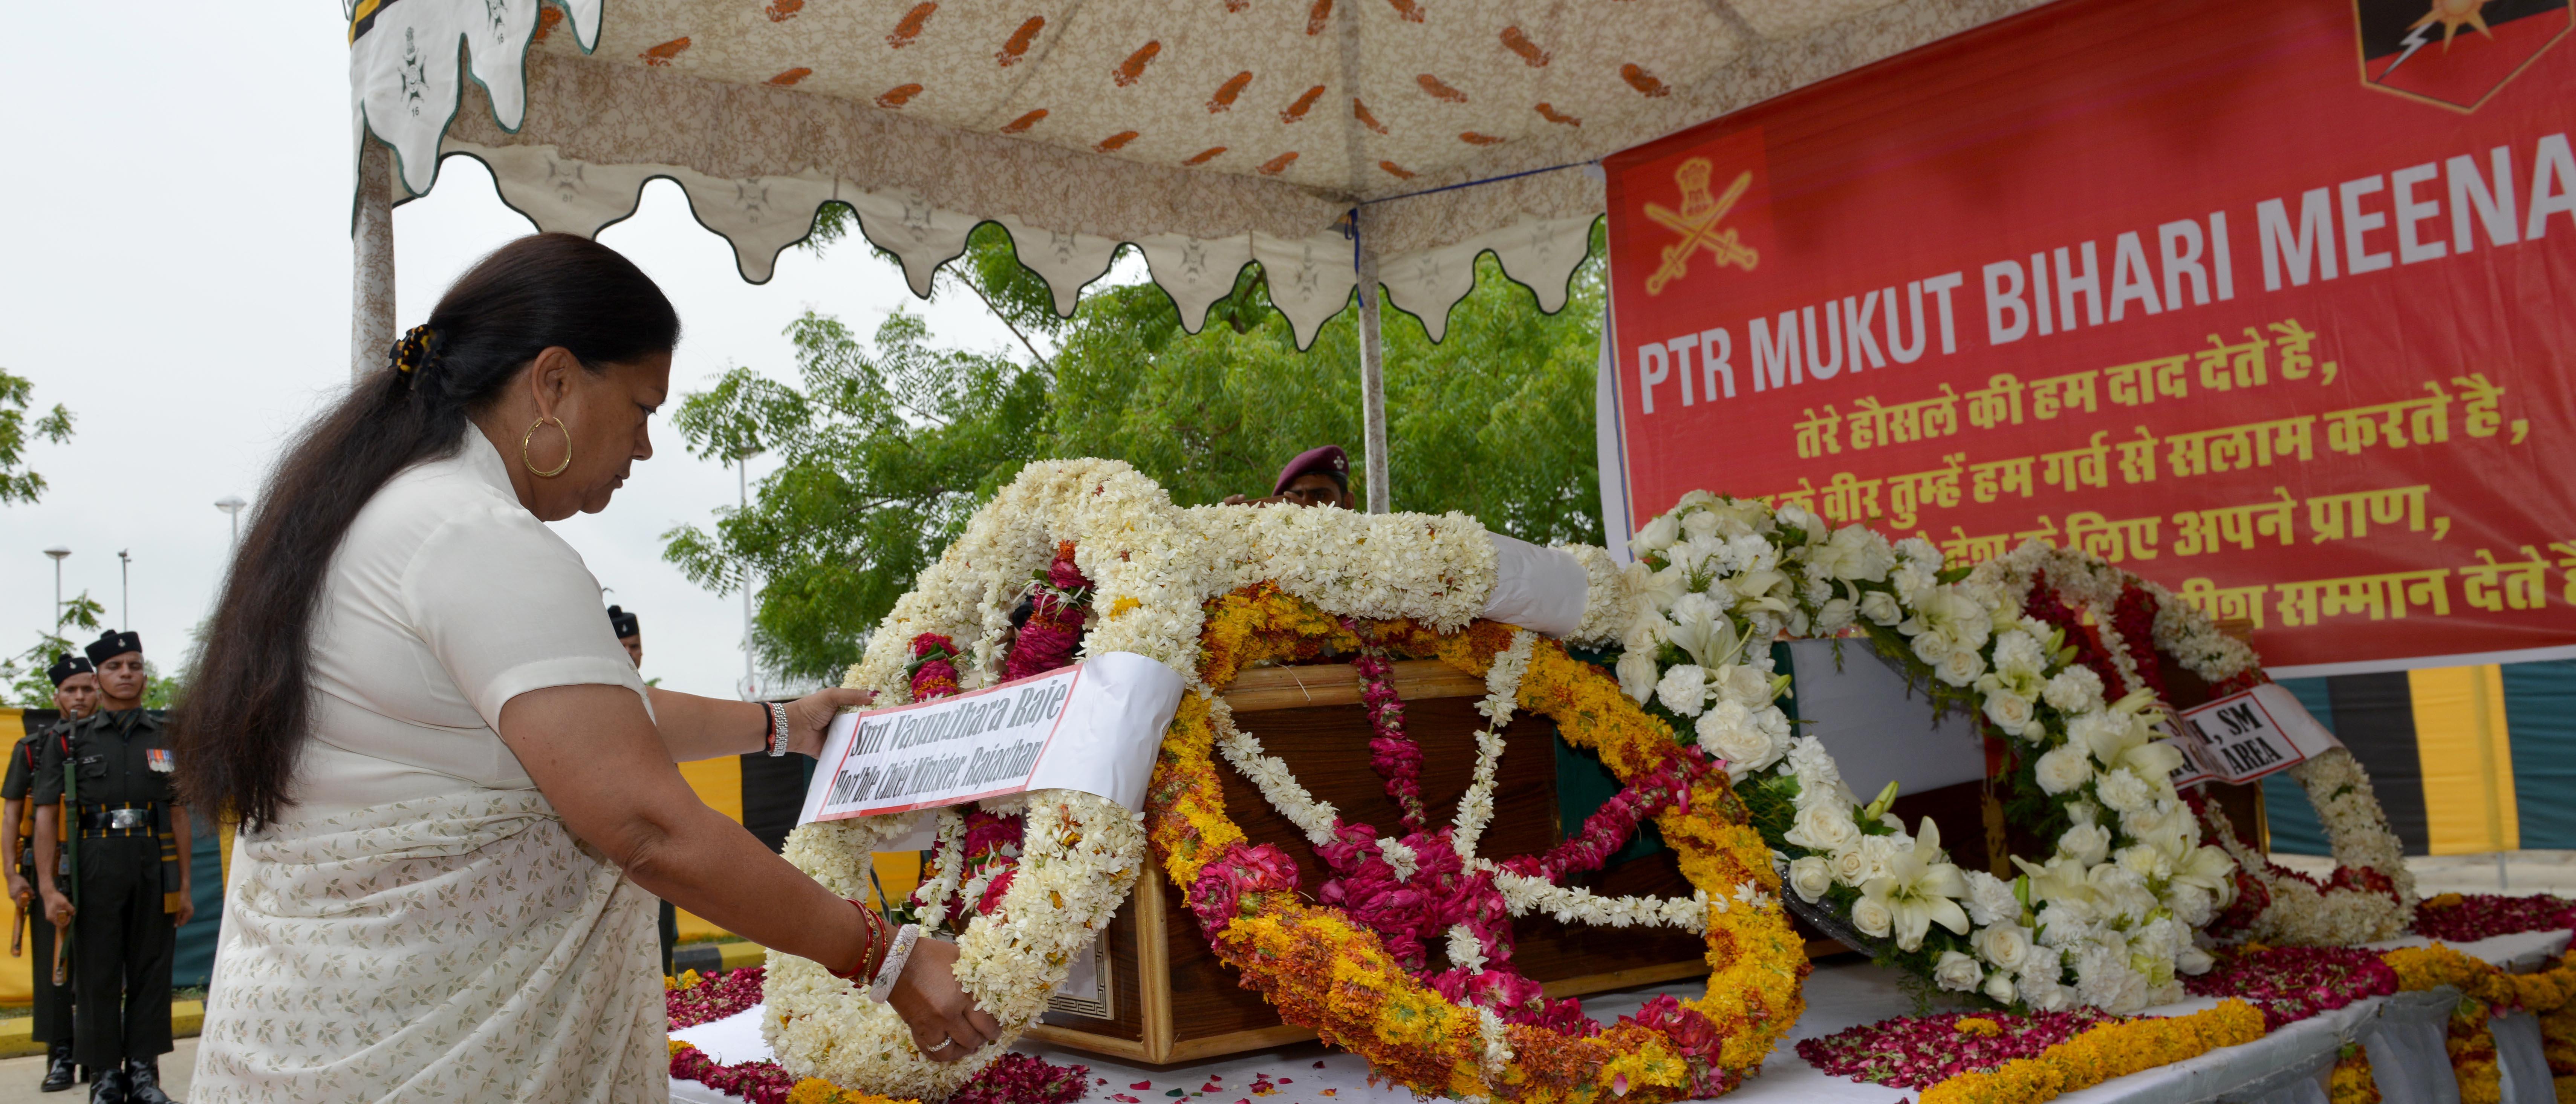 श्री मुकुट बिहारी को श्रद्धांजलि